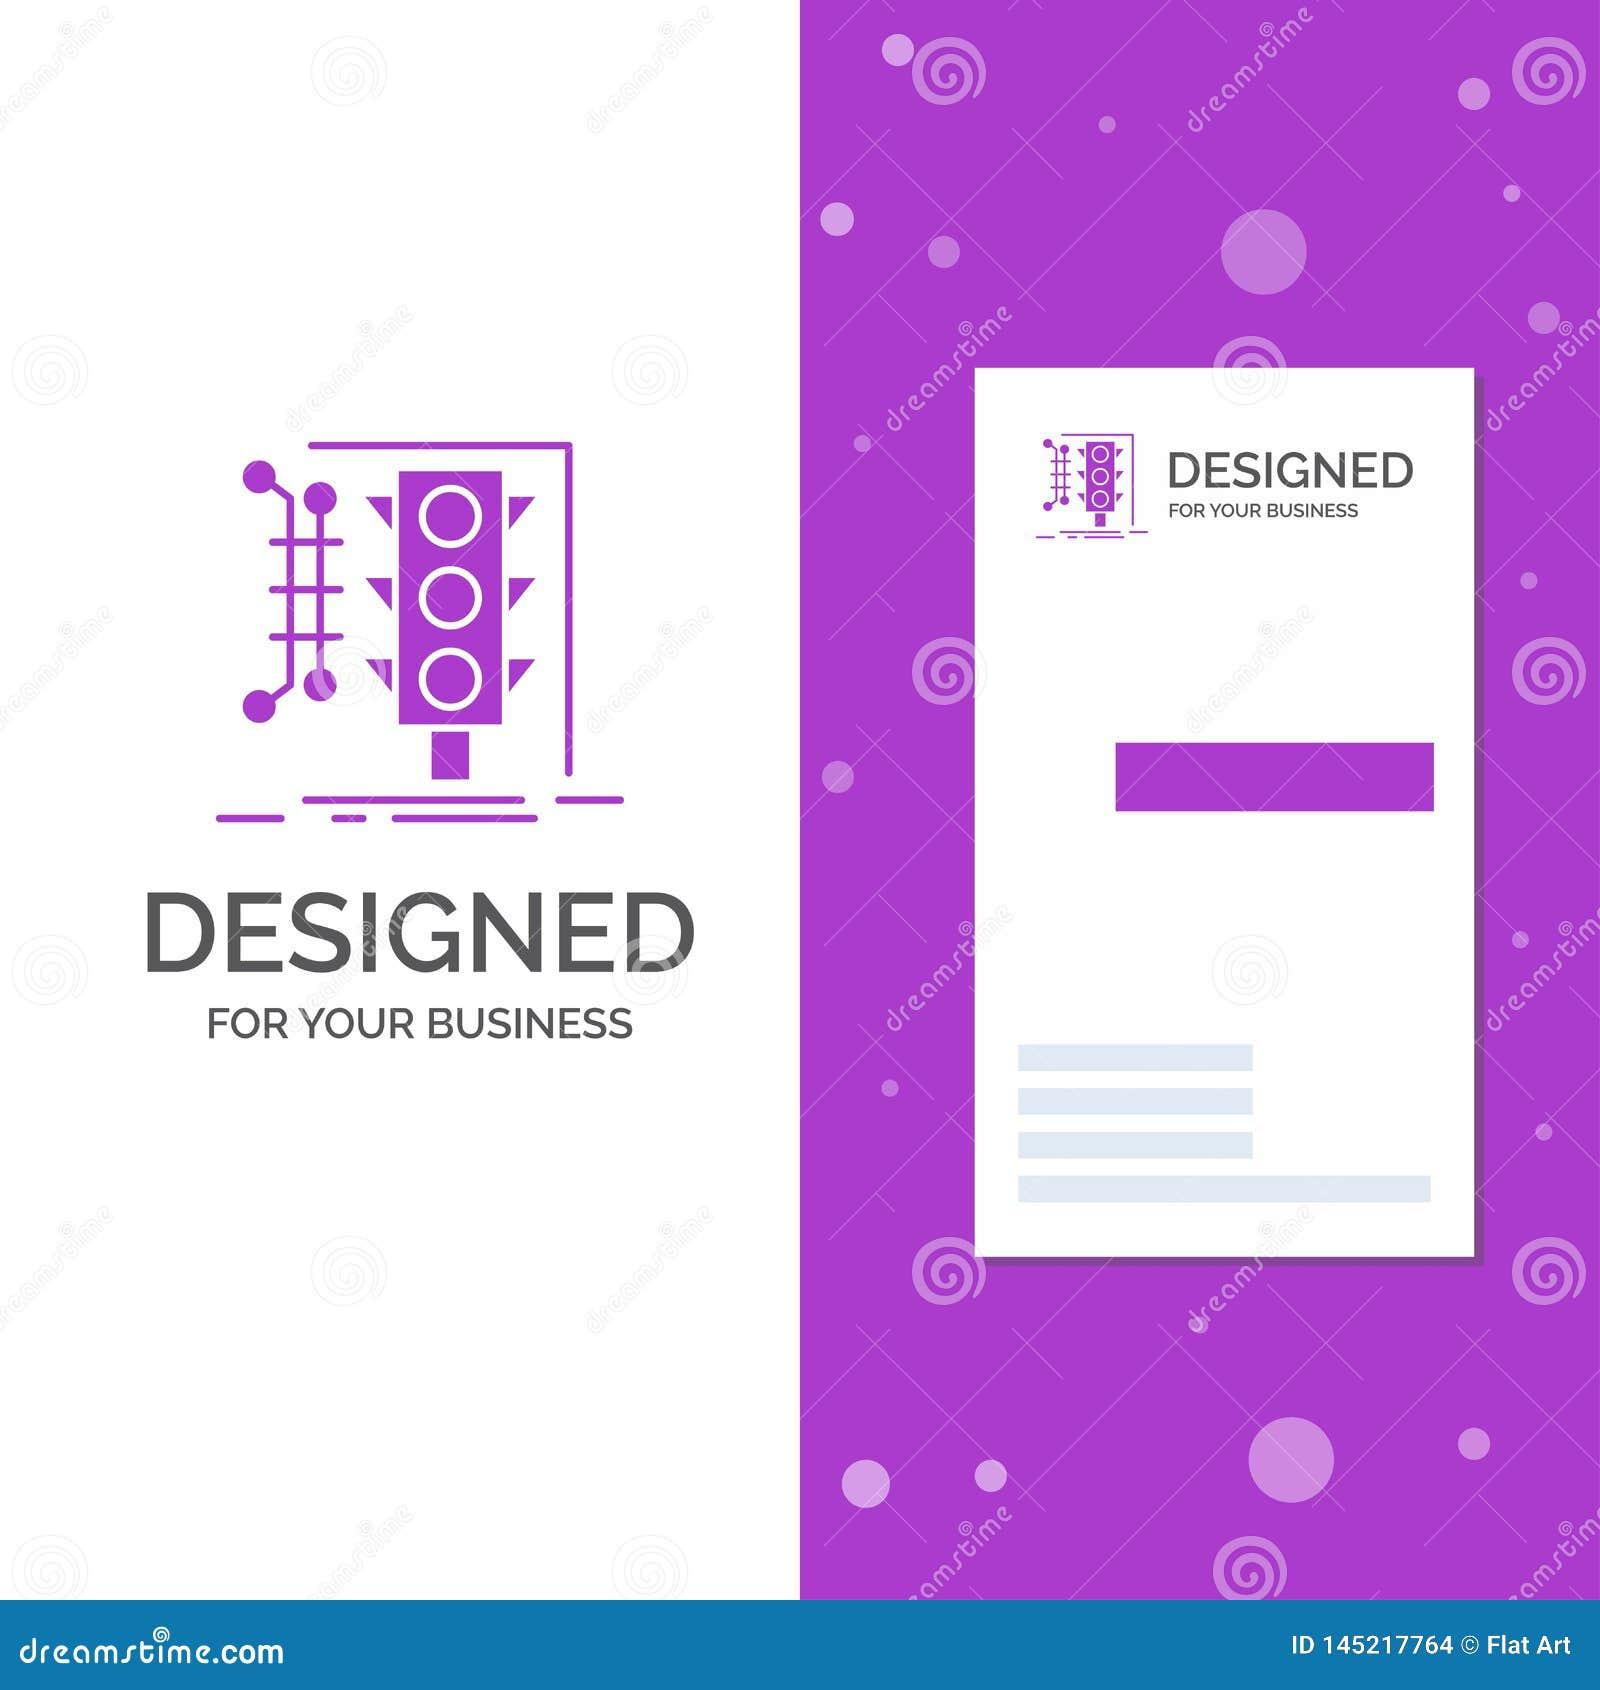 Bedrijfsembleem voor Stad, beheer, slimme controle, verkeer Verticaal Purper Bedrijfs/Visitekaartjemalplaatje creatief